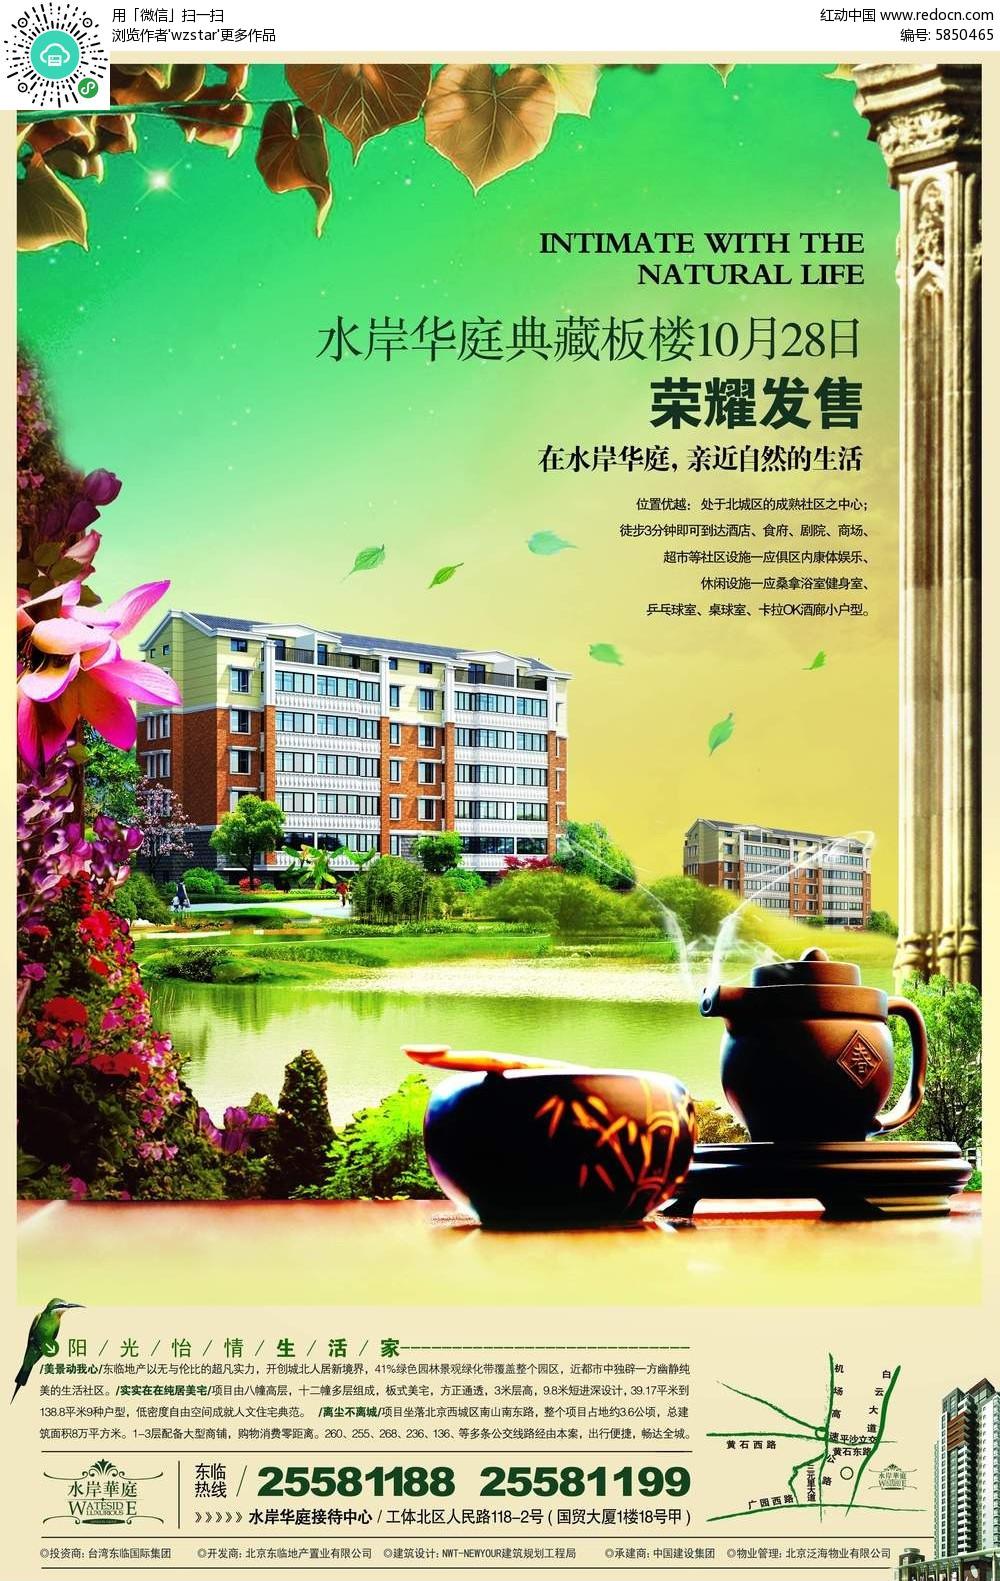 水岸华庭房地产海报设计_房地产内容广告viv水岸全套酒店图片